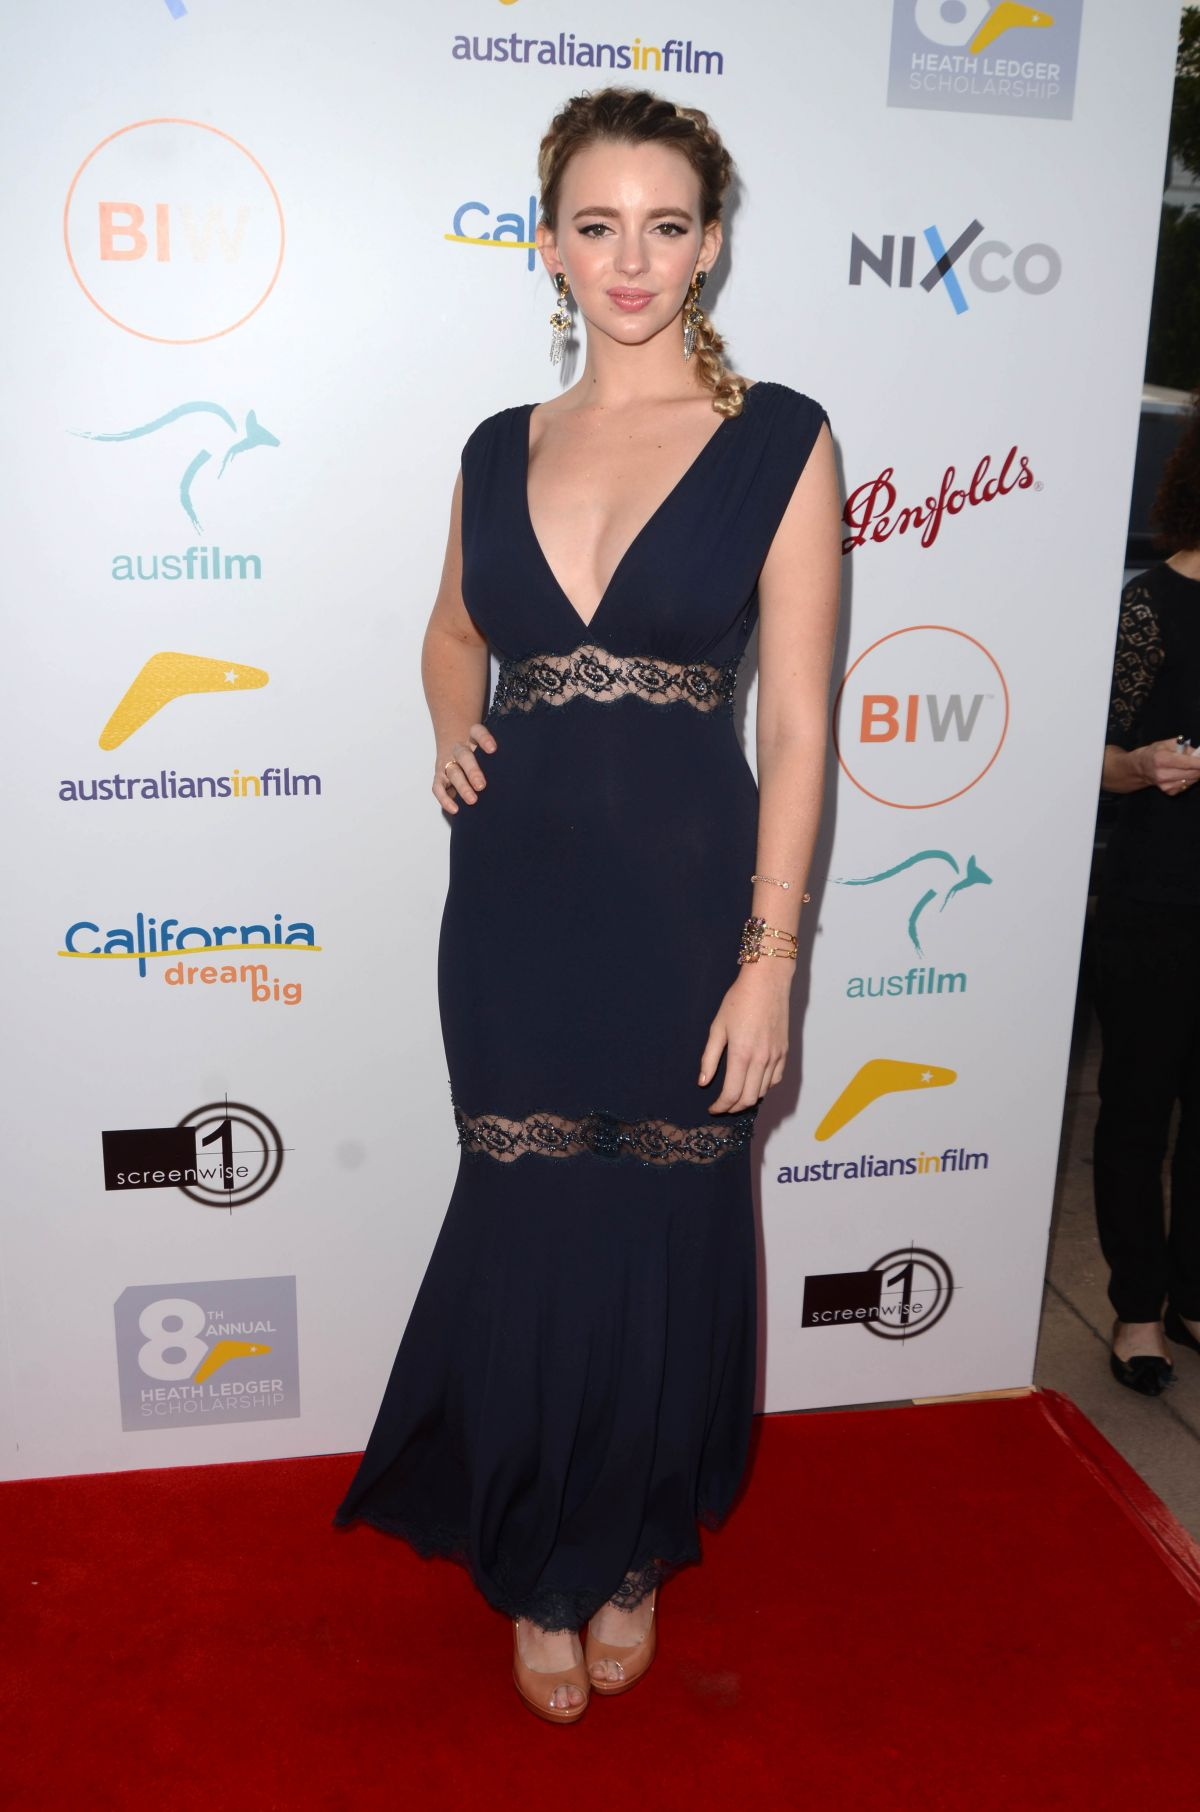 NATASHA BASSETT at 2016 Australians in Film Heath Ledger Scholarship Dinner in Beverly Hills 06/01/2016